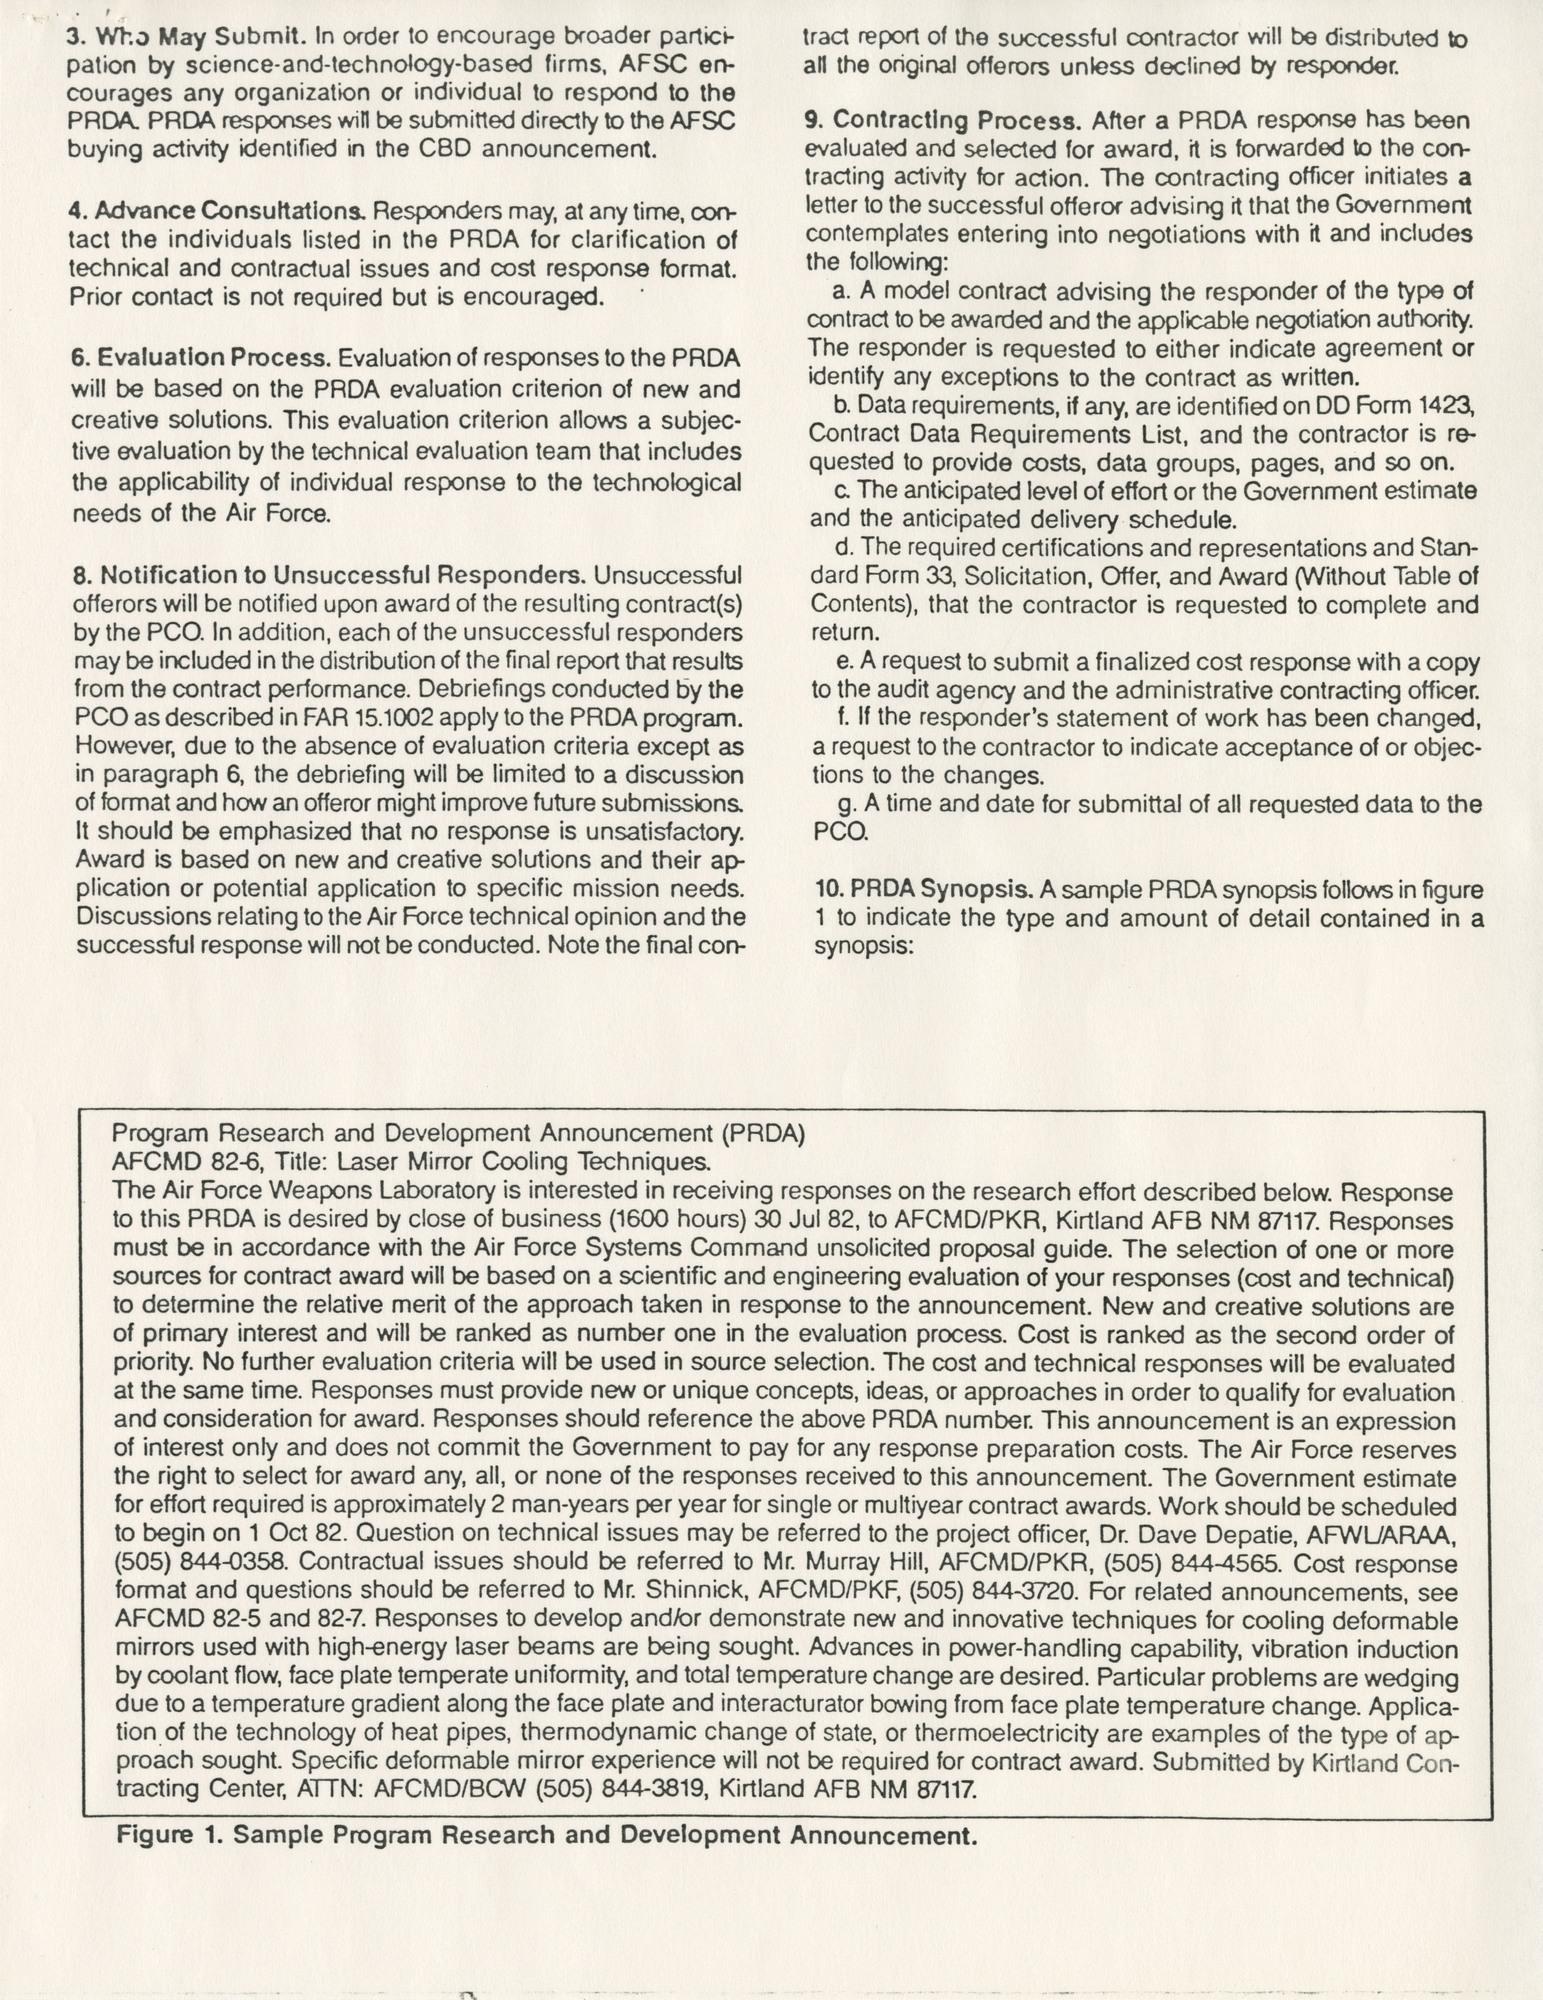 http://spec.lib.vt.edu/pickup/Omeka_upload/Ms1989-029_B19_F2_Administrative_1985_ND.jpg